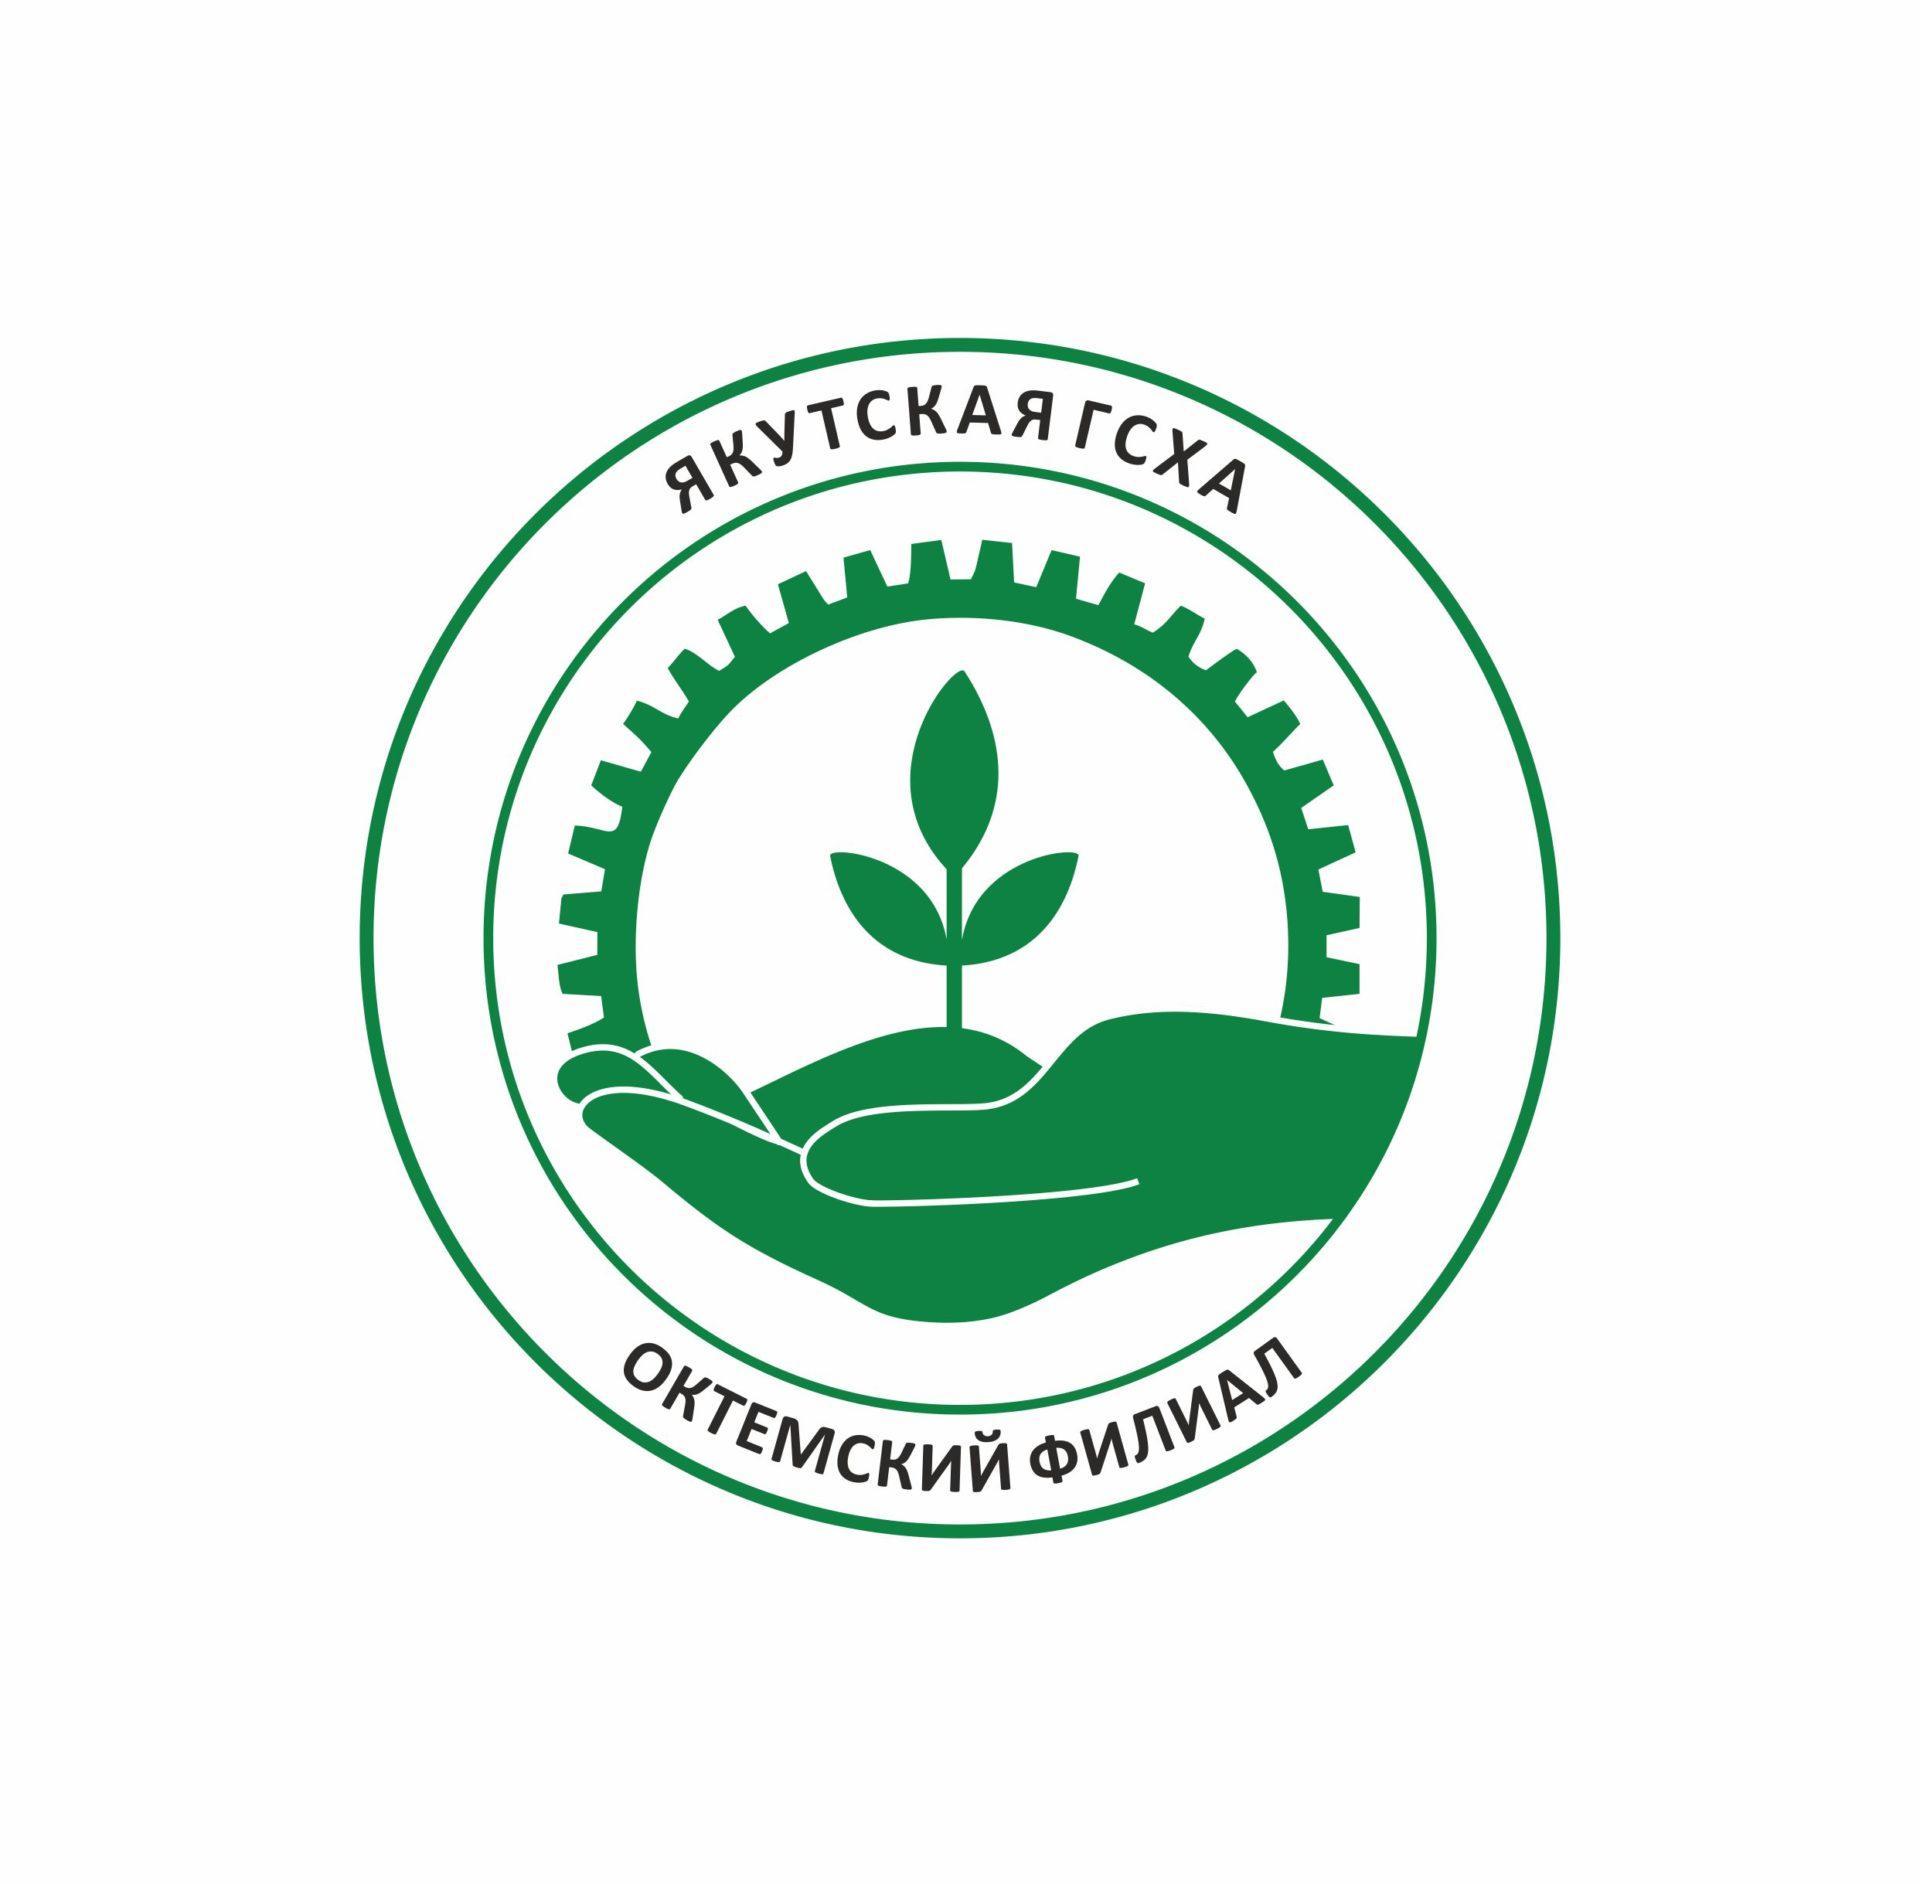 Октемский филиал готовит специалистов по земельно-имущественным отношениям